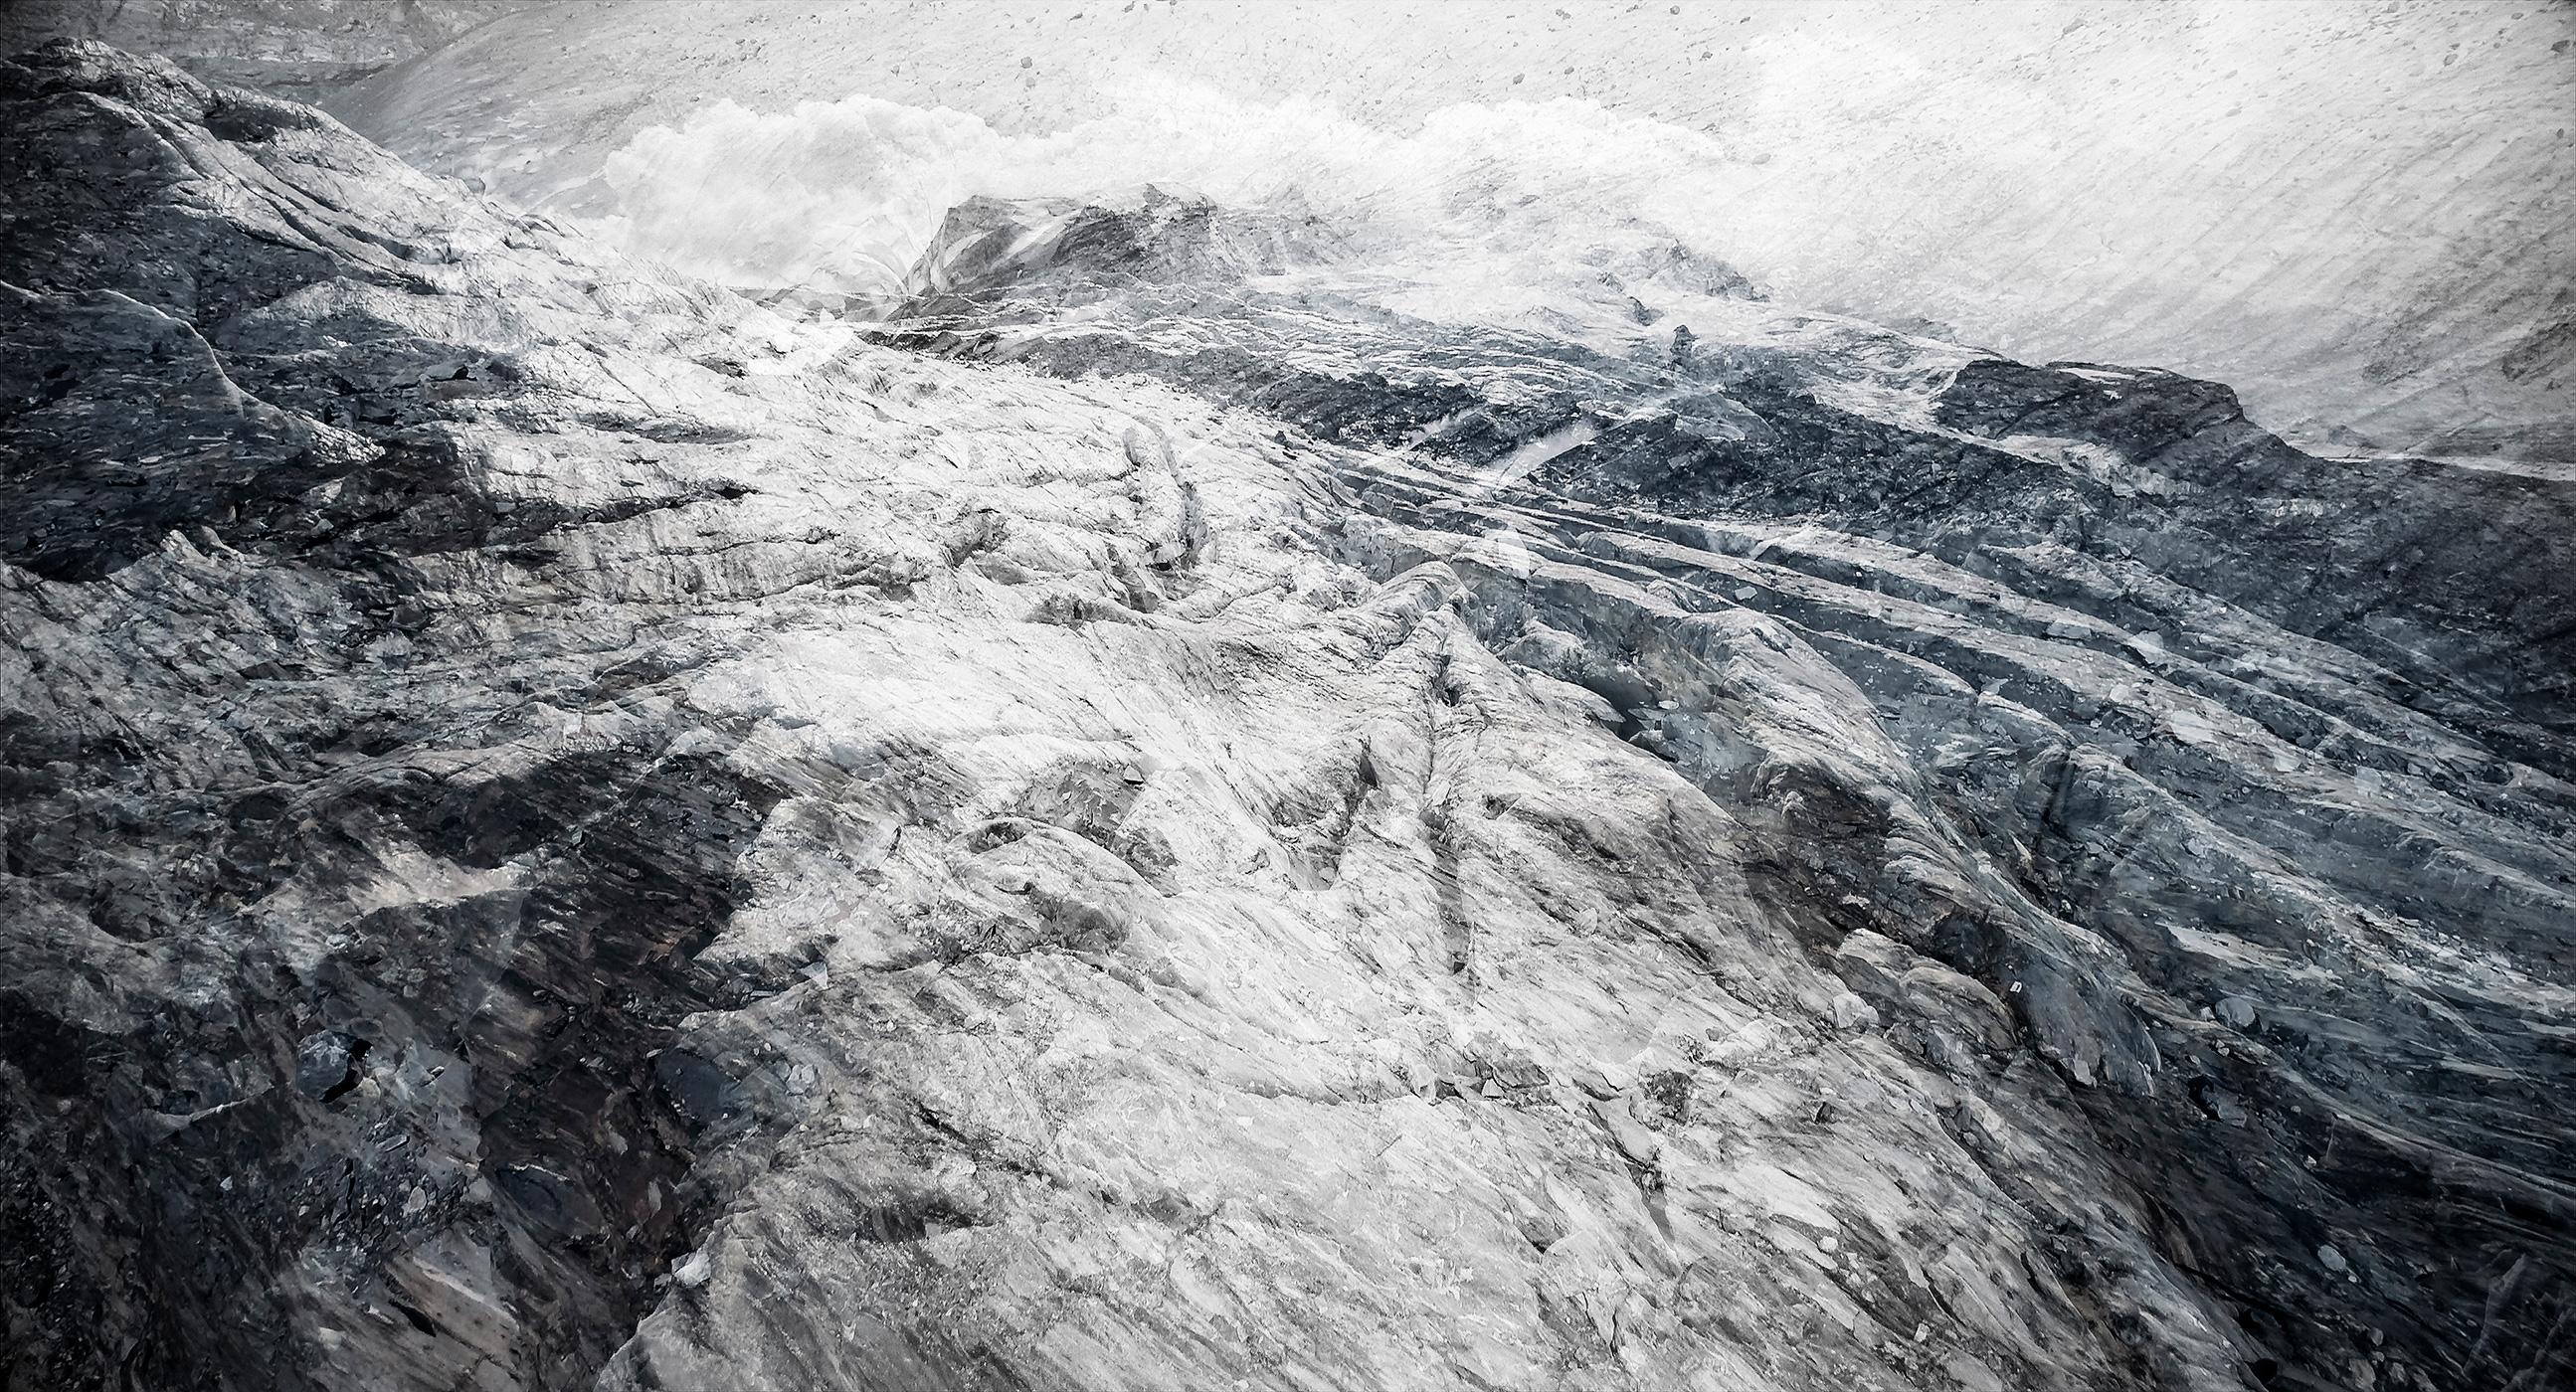 #04 Glaciers offset, 2017, photographie reconstruite à partir de bandes videos, réalisées sur le glacier Gornergletscher